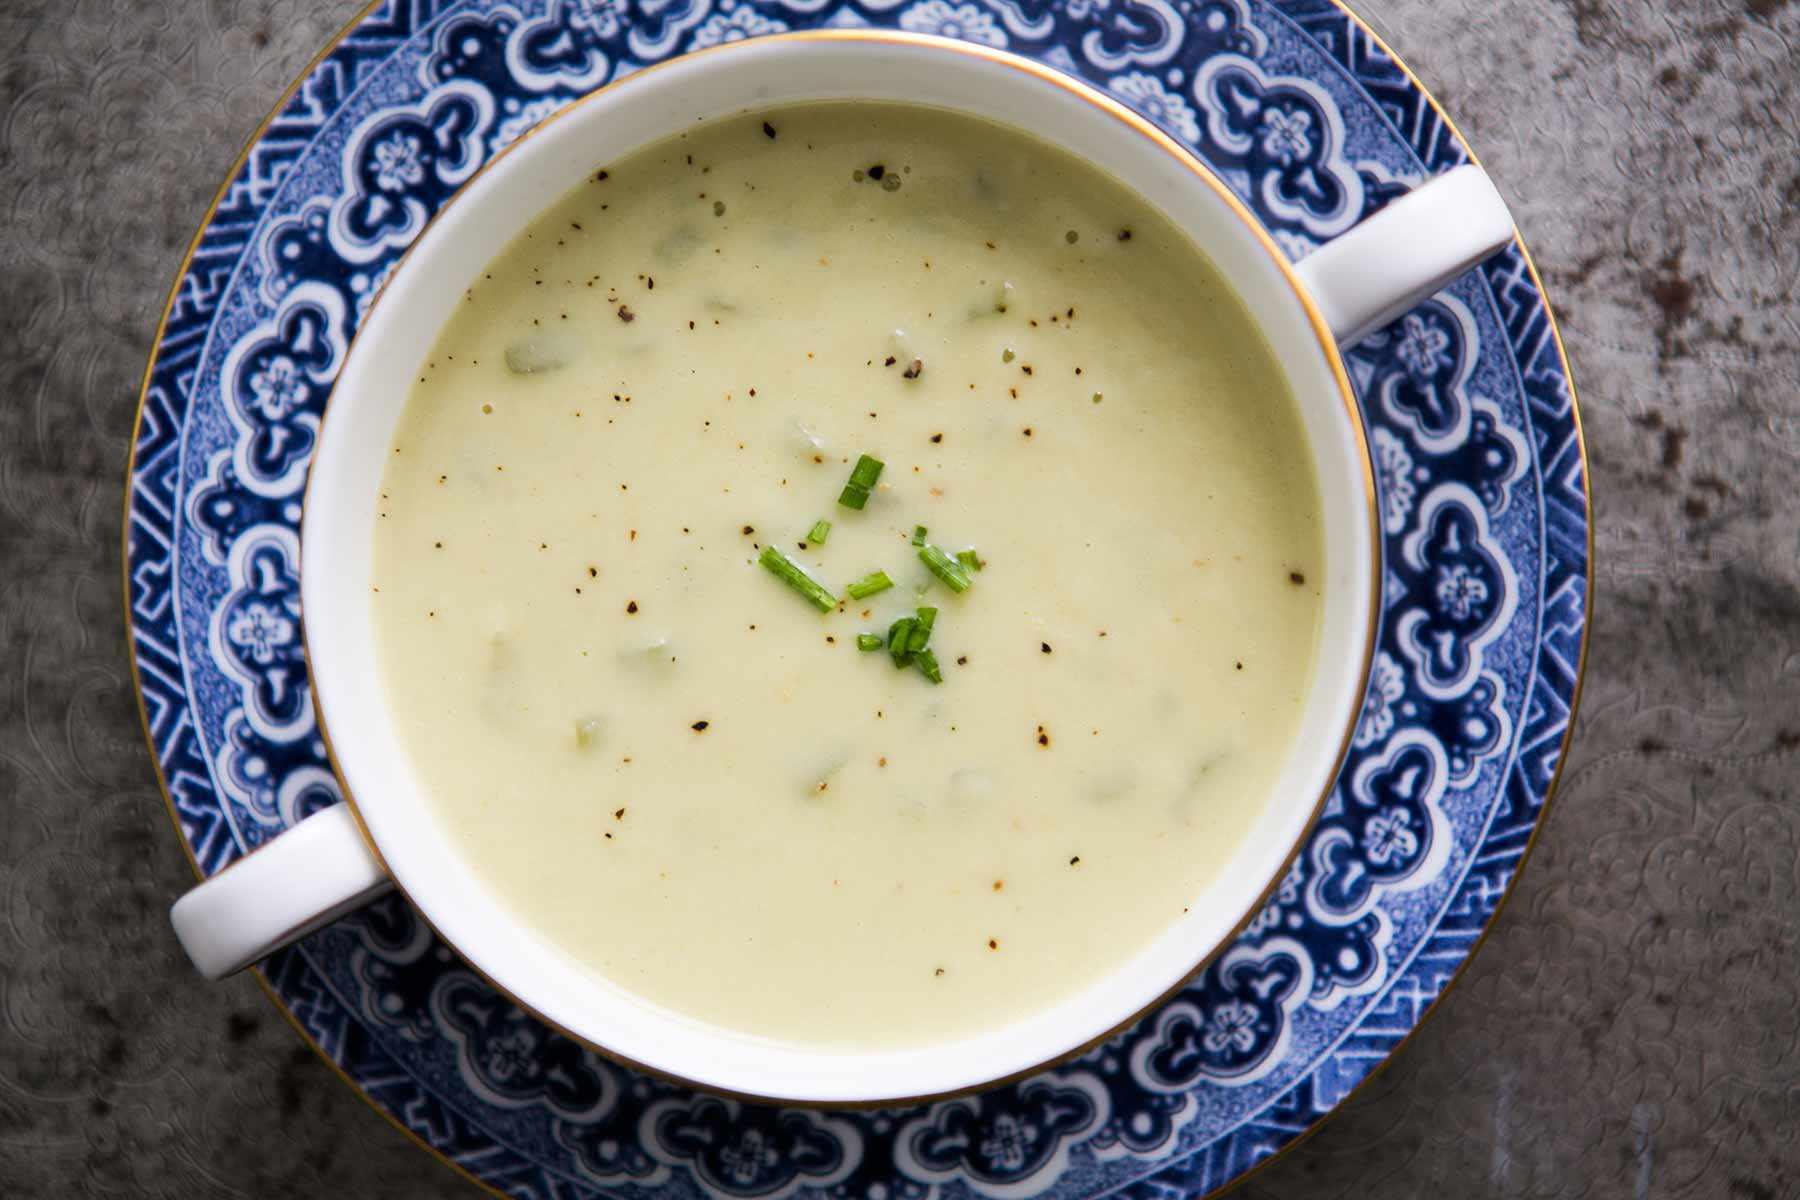 How you make cream of celery soup